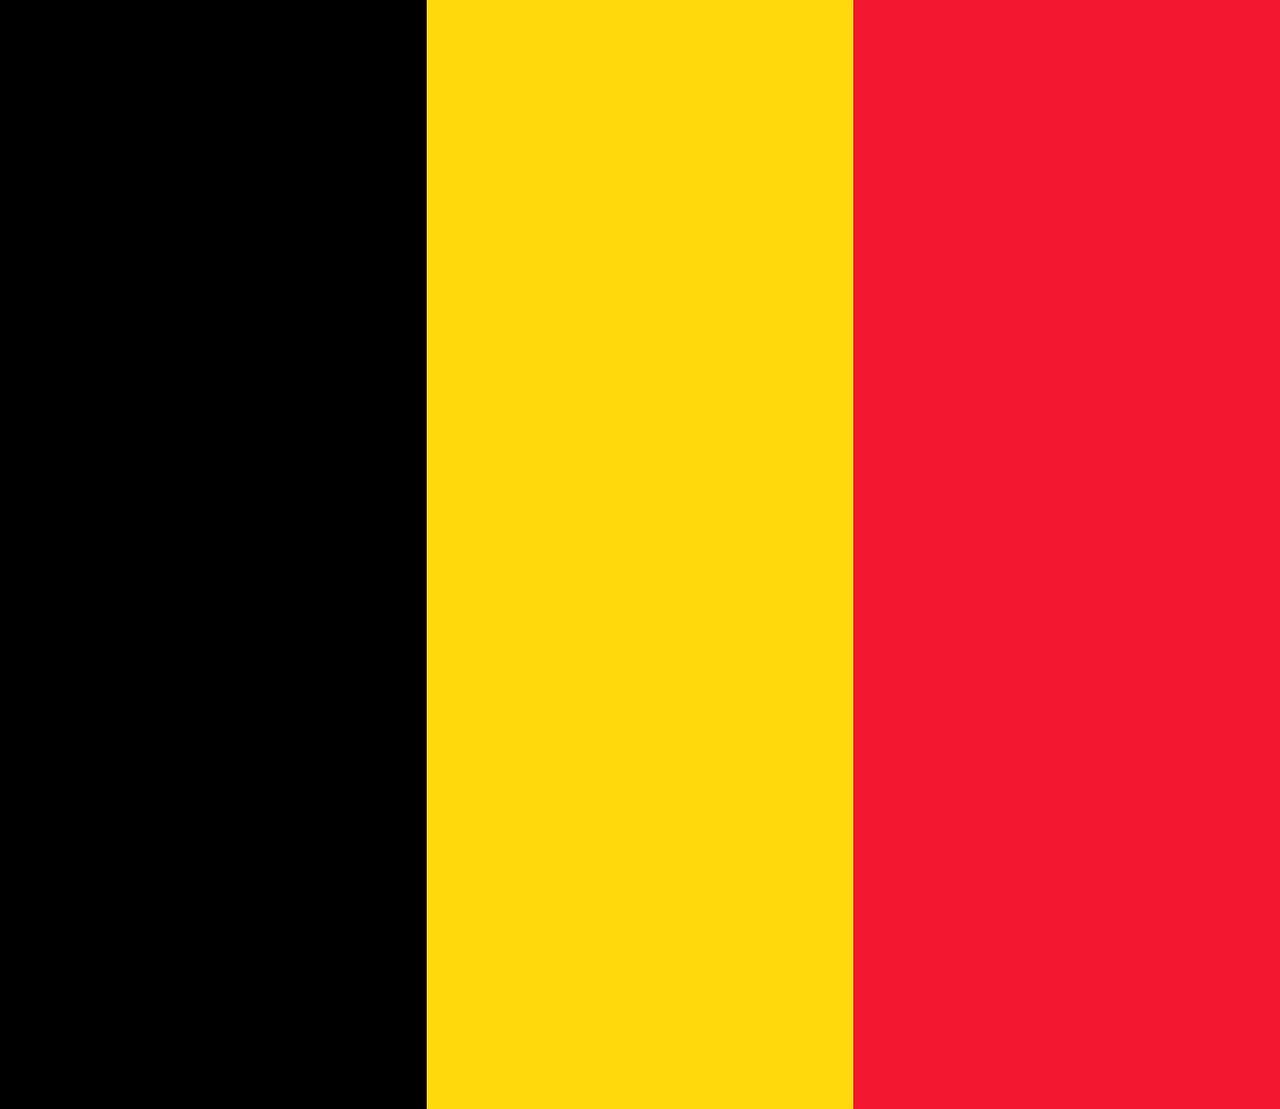 Debata o życie. Prawo do eutanazji dla nieletnich w Belgii. Cz. 1